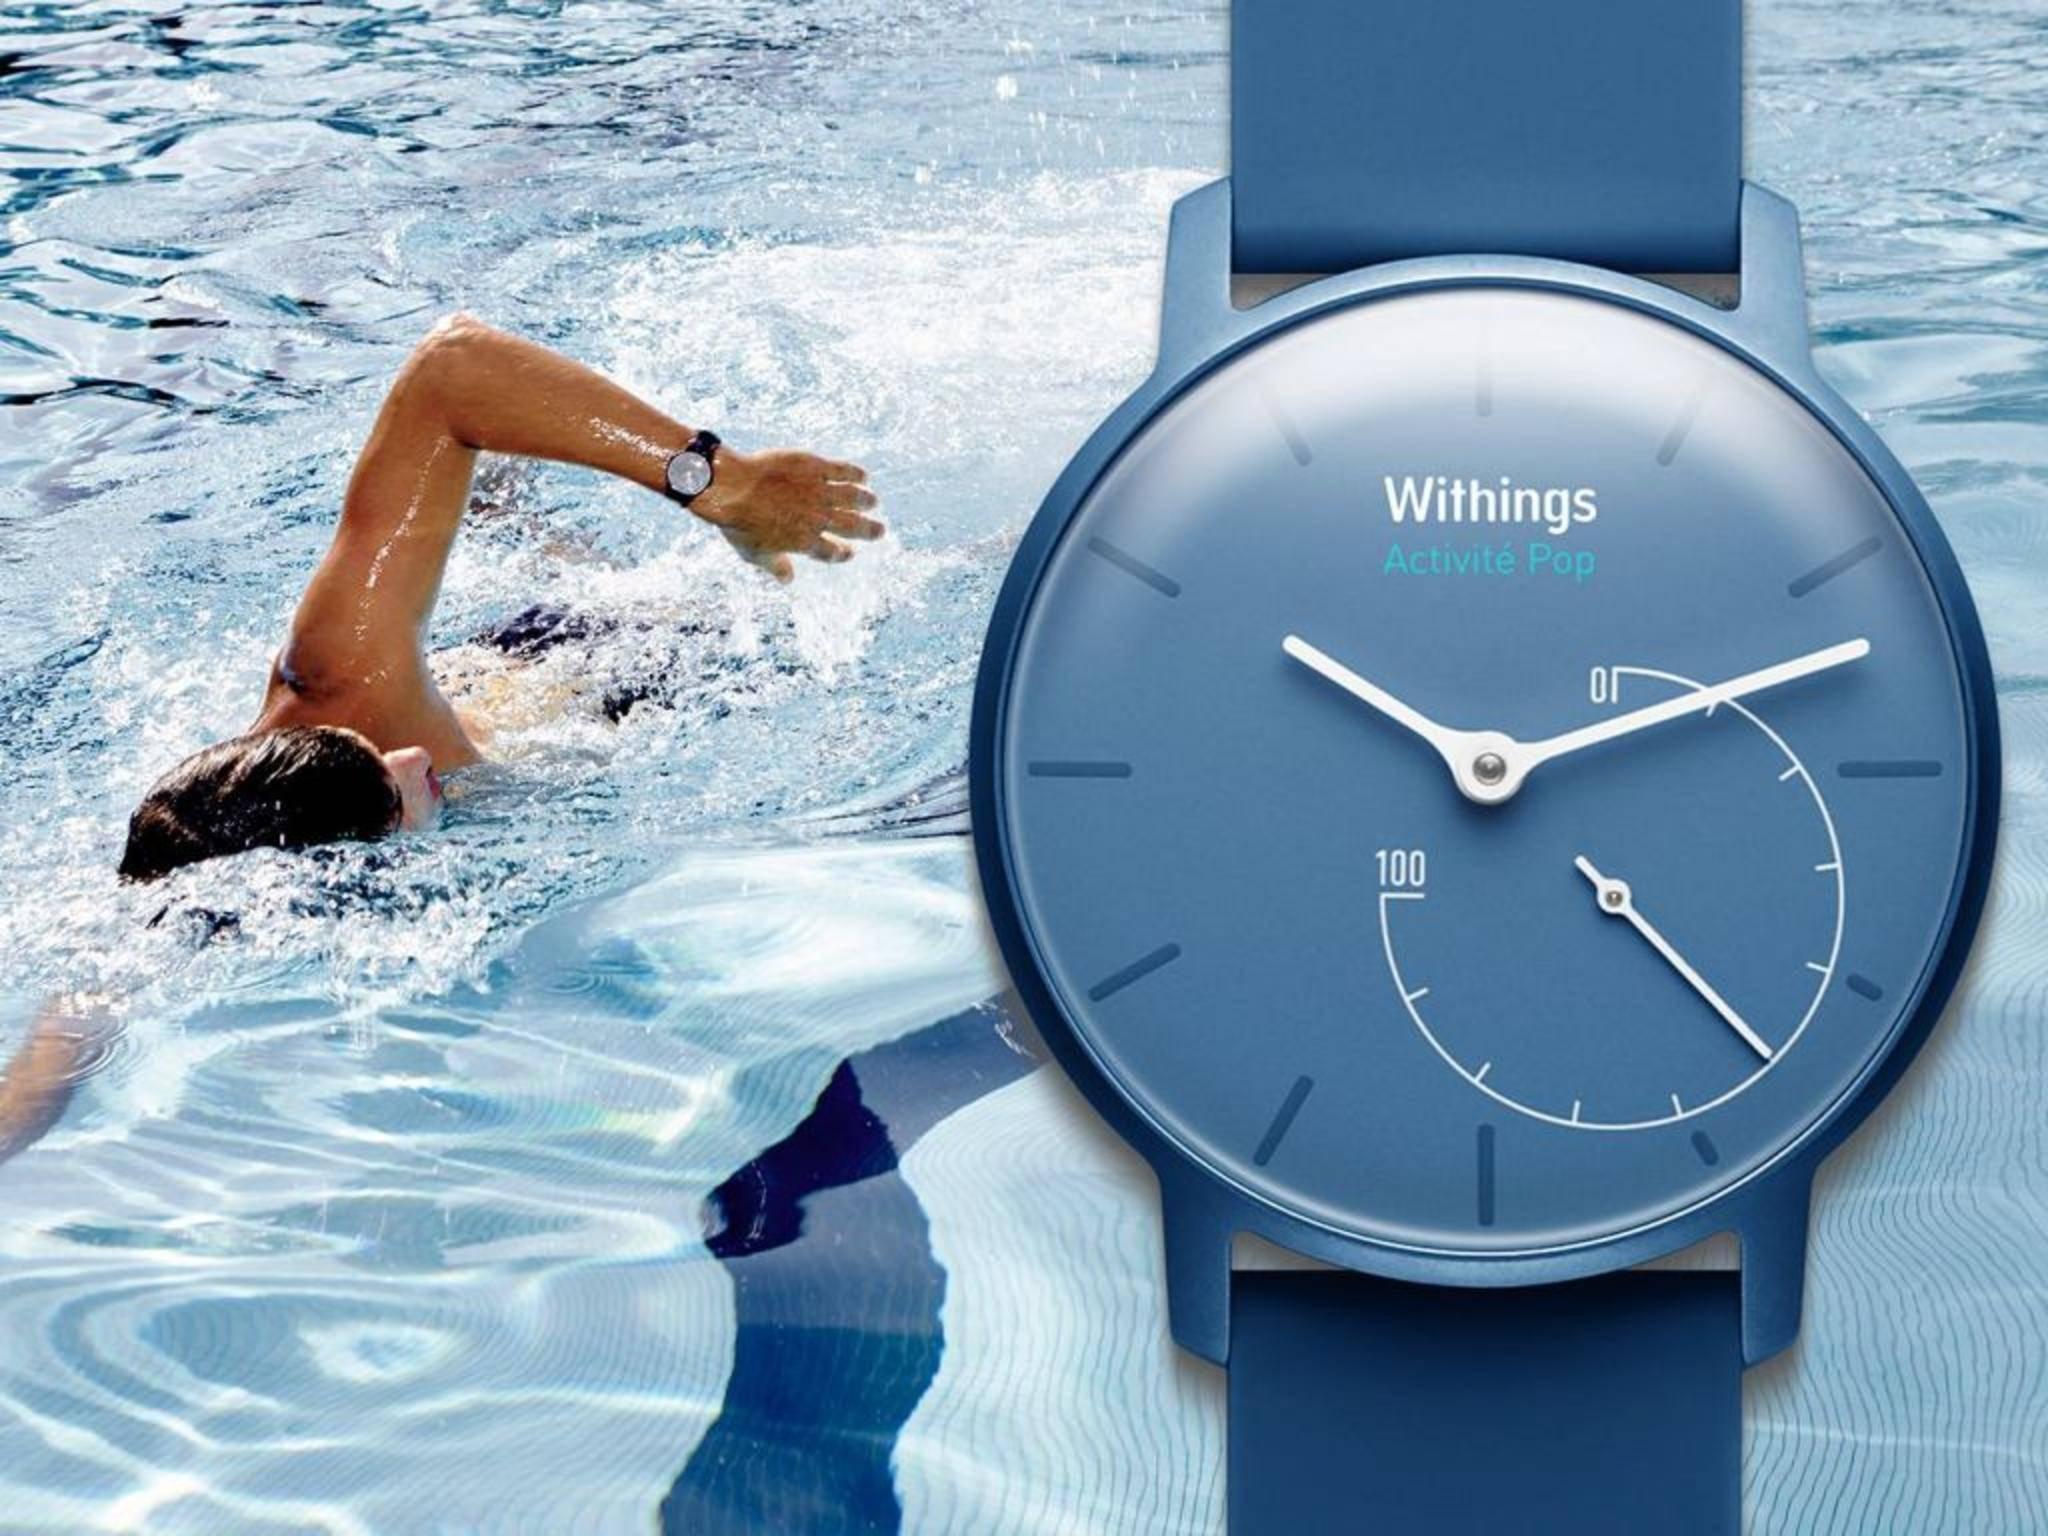 Die Withings Health Mate App erlaubt jetzt ach Schwimmtracking.